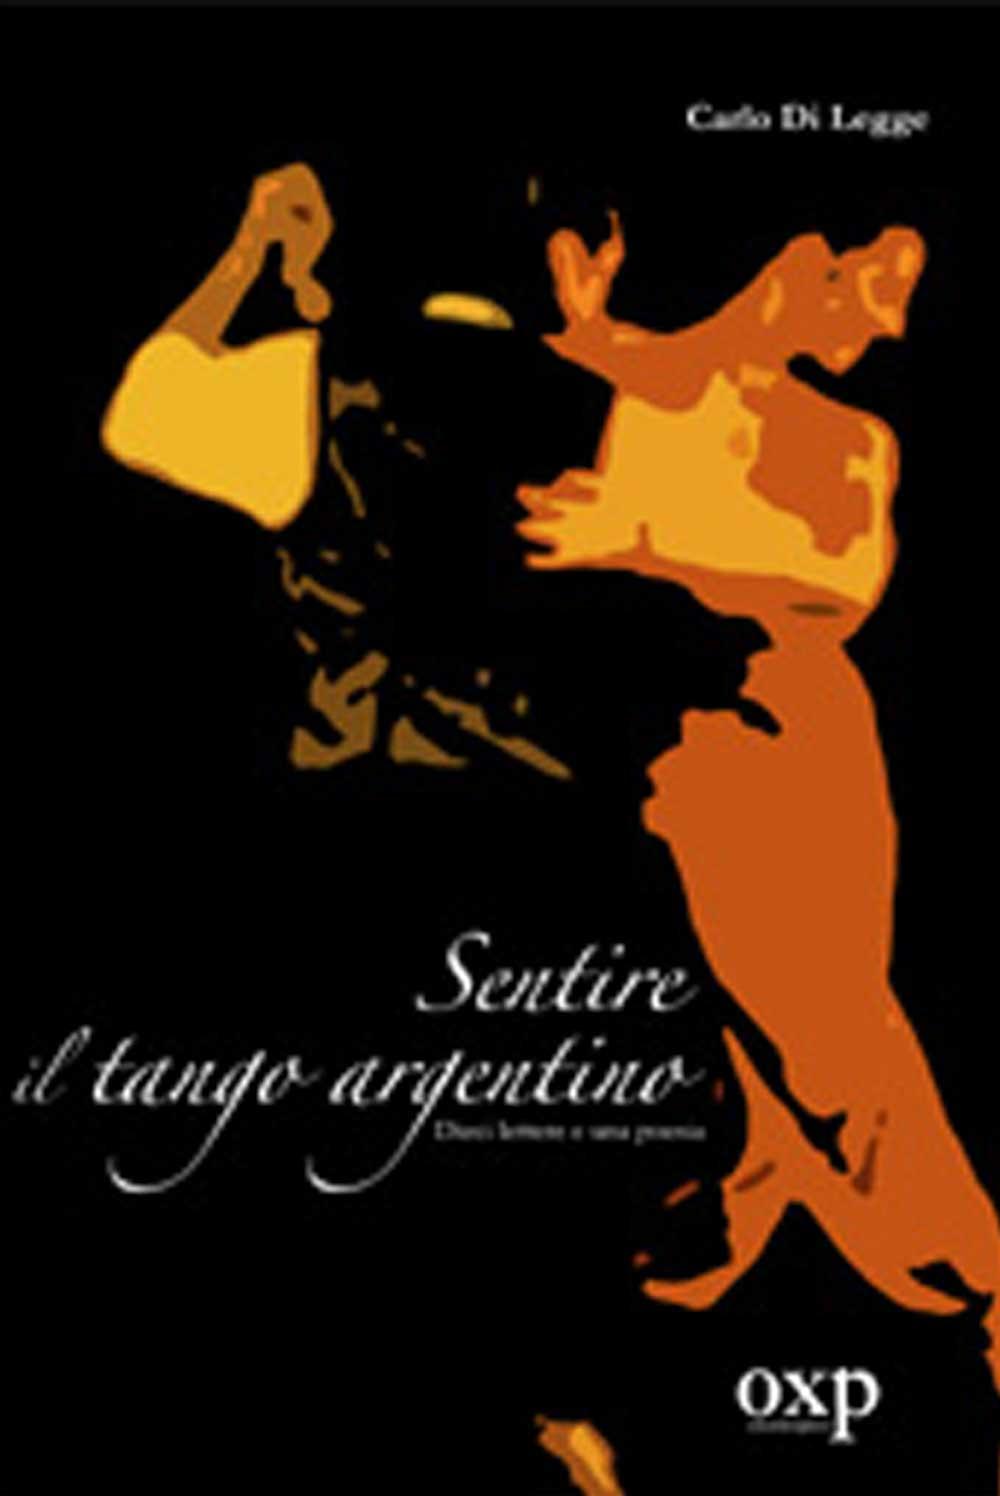 Sentire il tango argentino. Dieci lettere e una poesia, di CarloDi Legge (Fuori Collana, 2011)